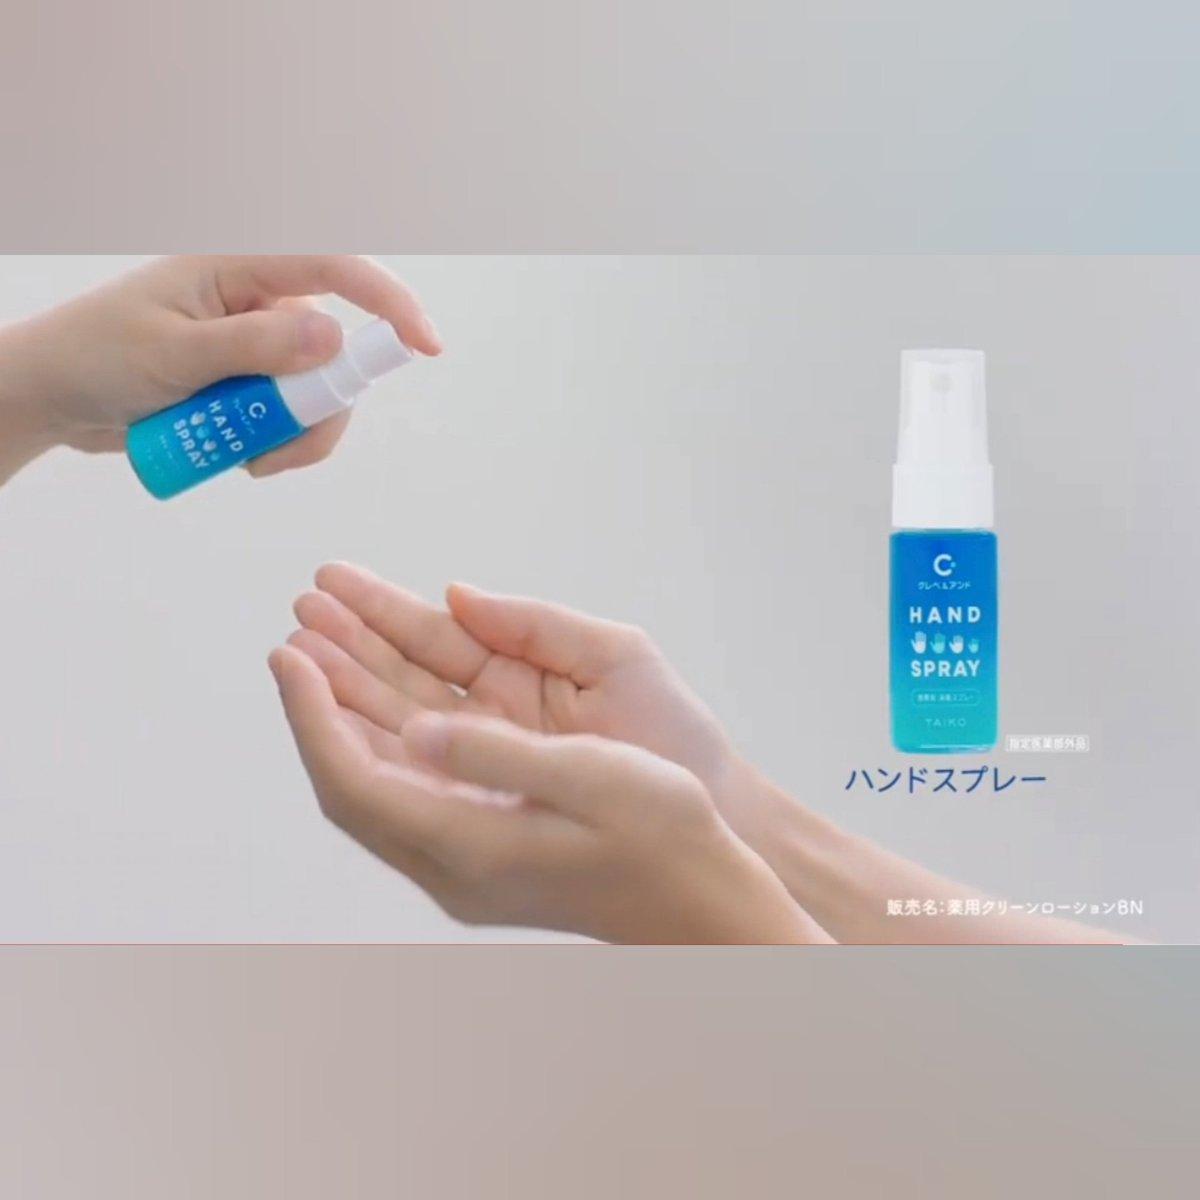 test ツイッターメディア - クレベリンや、クレベアンド買ったよ!と沢山ご連絡をいただきます。 手洗い、うがいと消毒で皆が無事である事を願っています! 私もクレベリンで対策中です⭐ #クレベリン #クレベアンド #cleverin https://t.co/iuXfjR4iAe